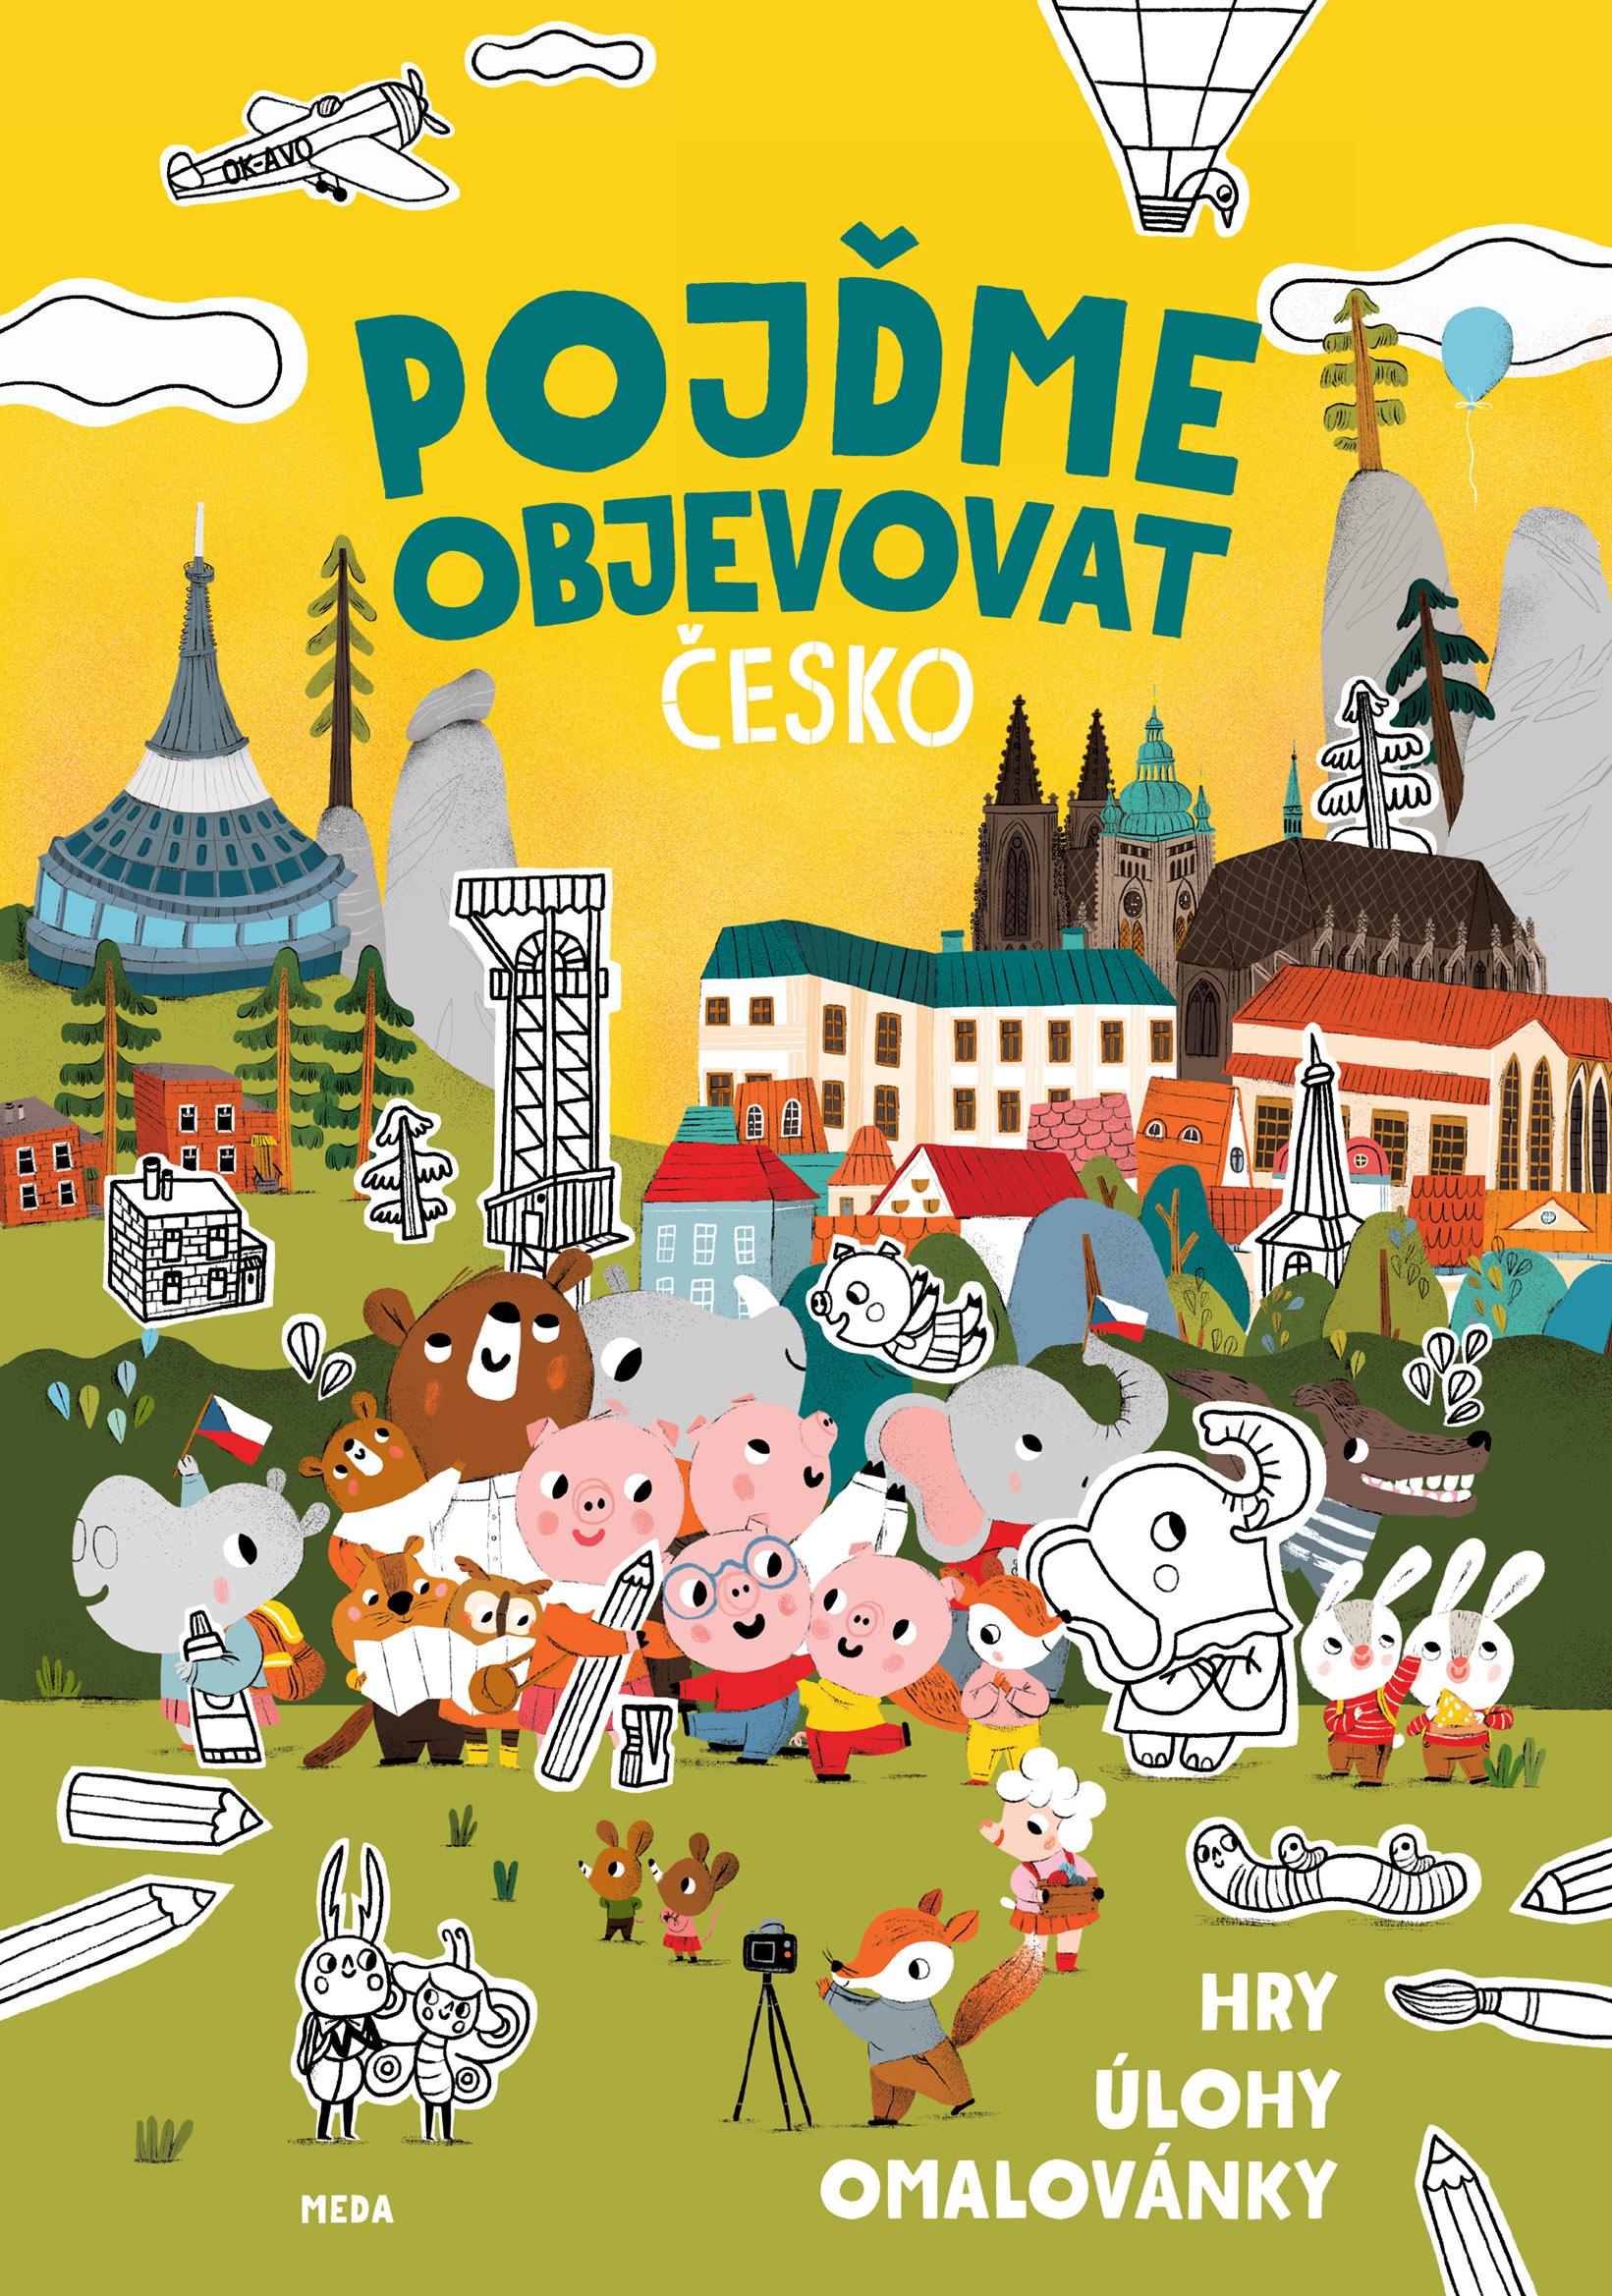 Pojďme objevovat Česko